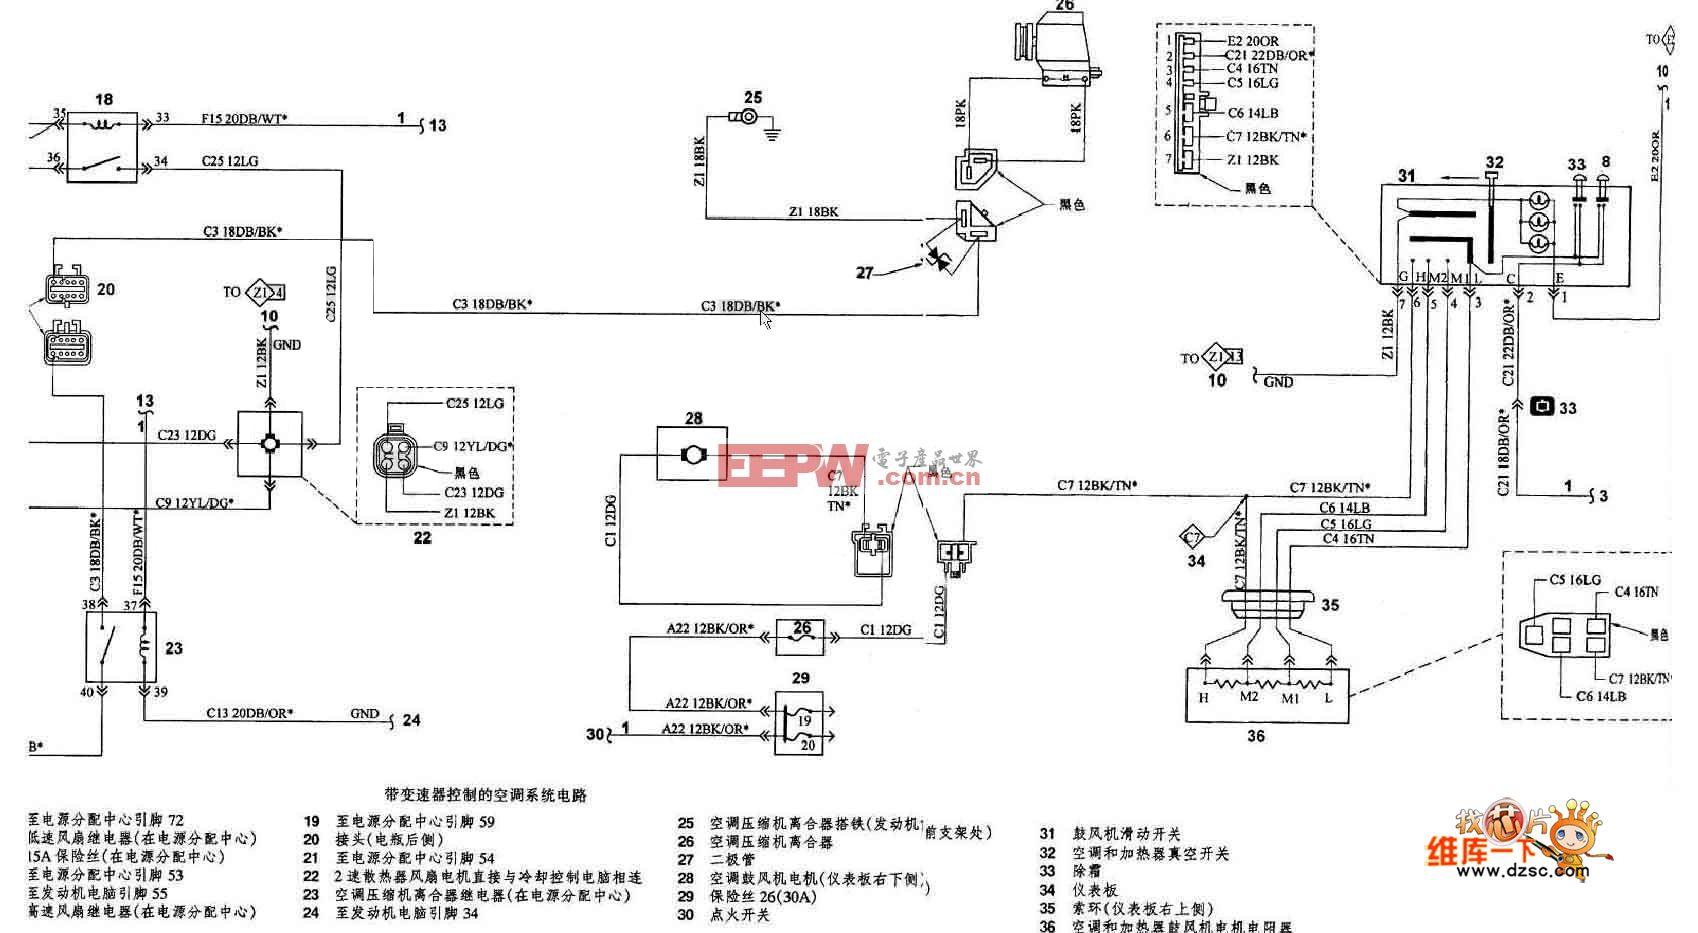 道奇带变速器控制的空调系统电路图